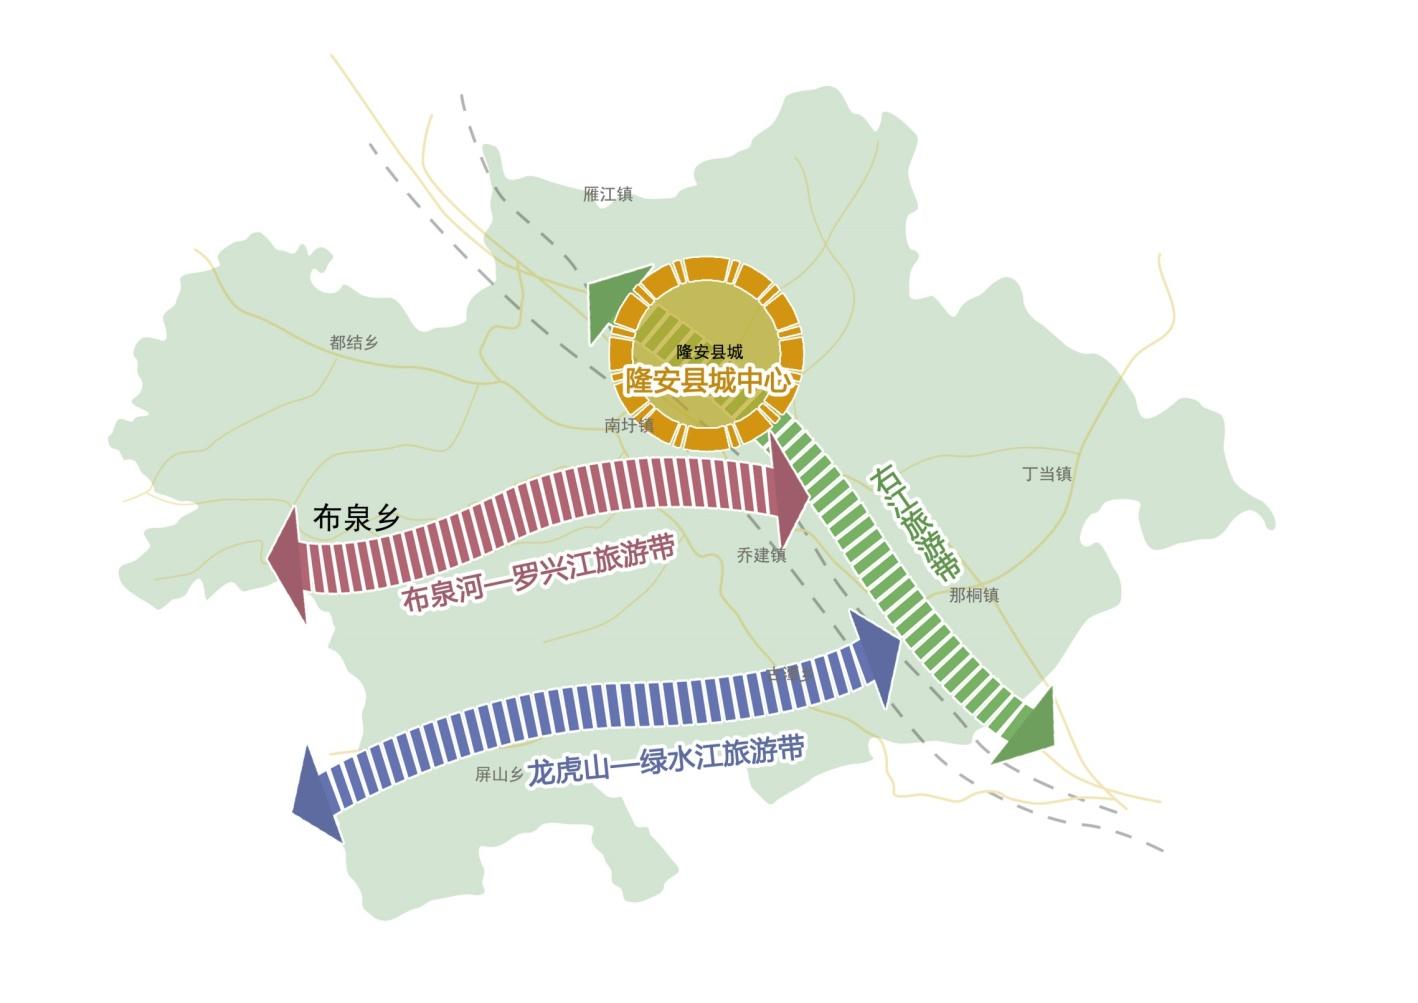 隆安布泉景区旅游总体规划